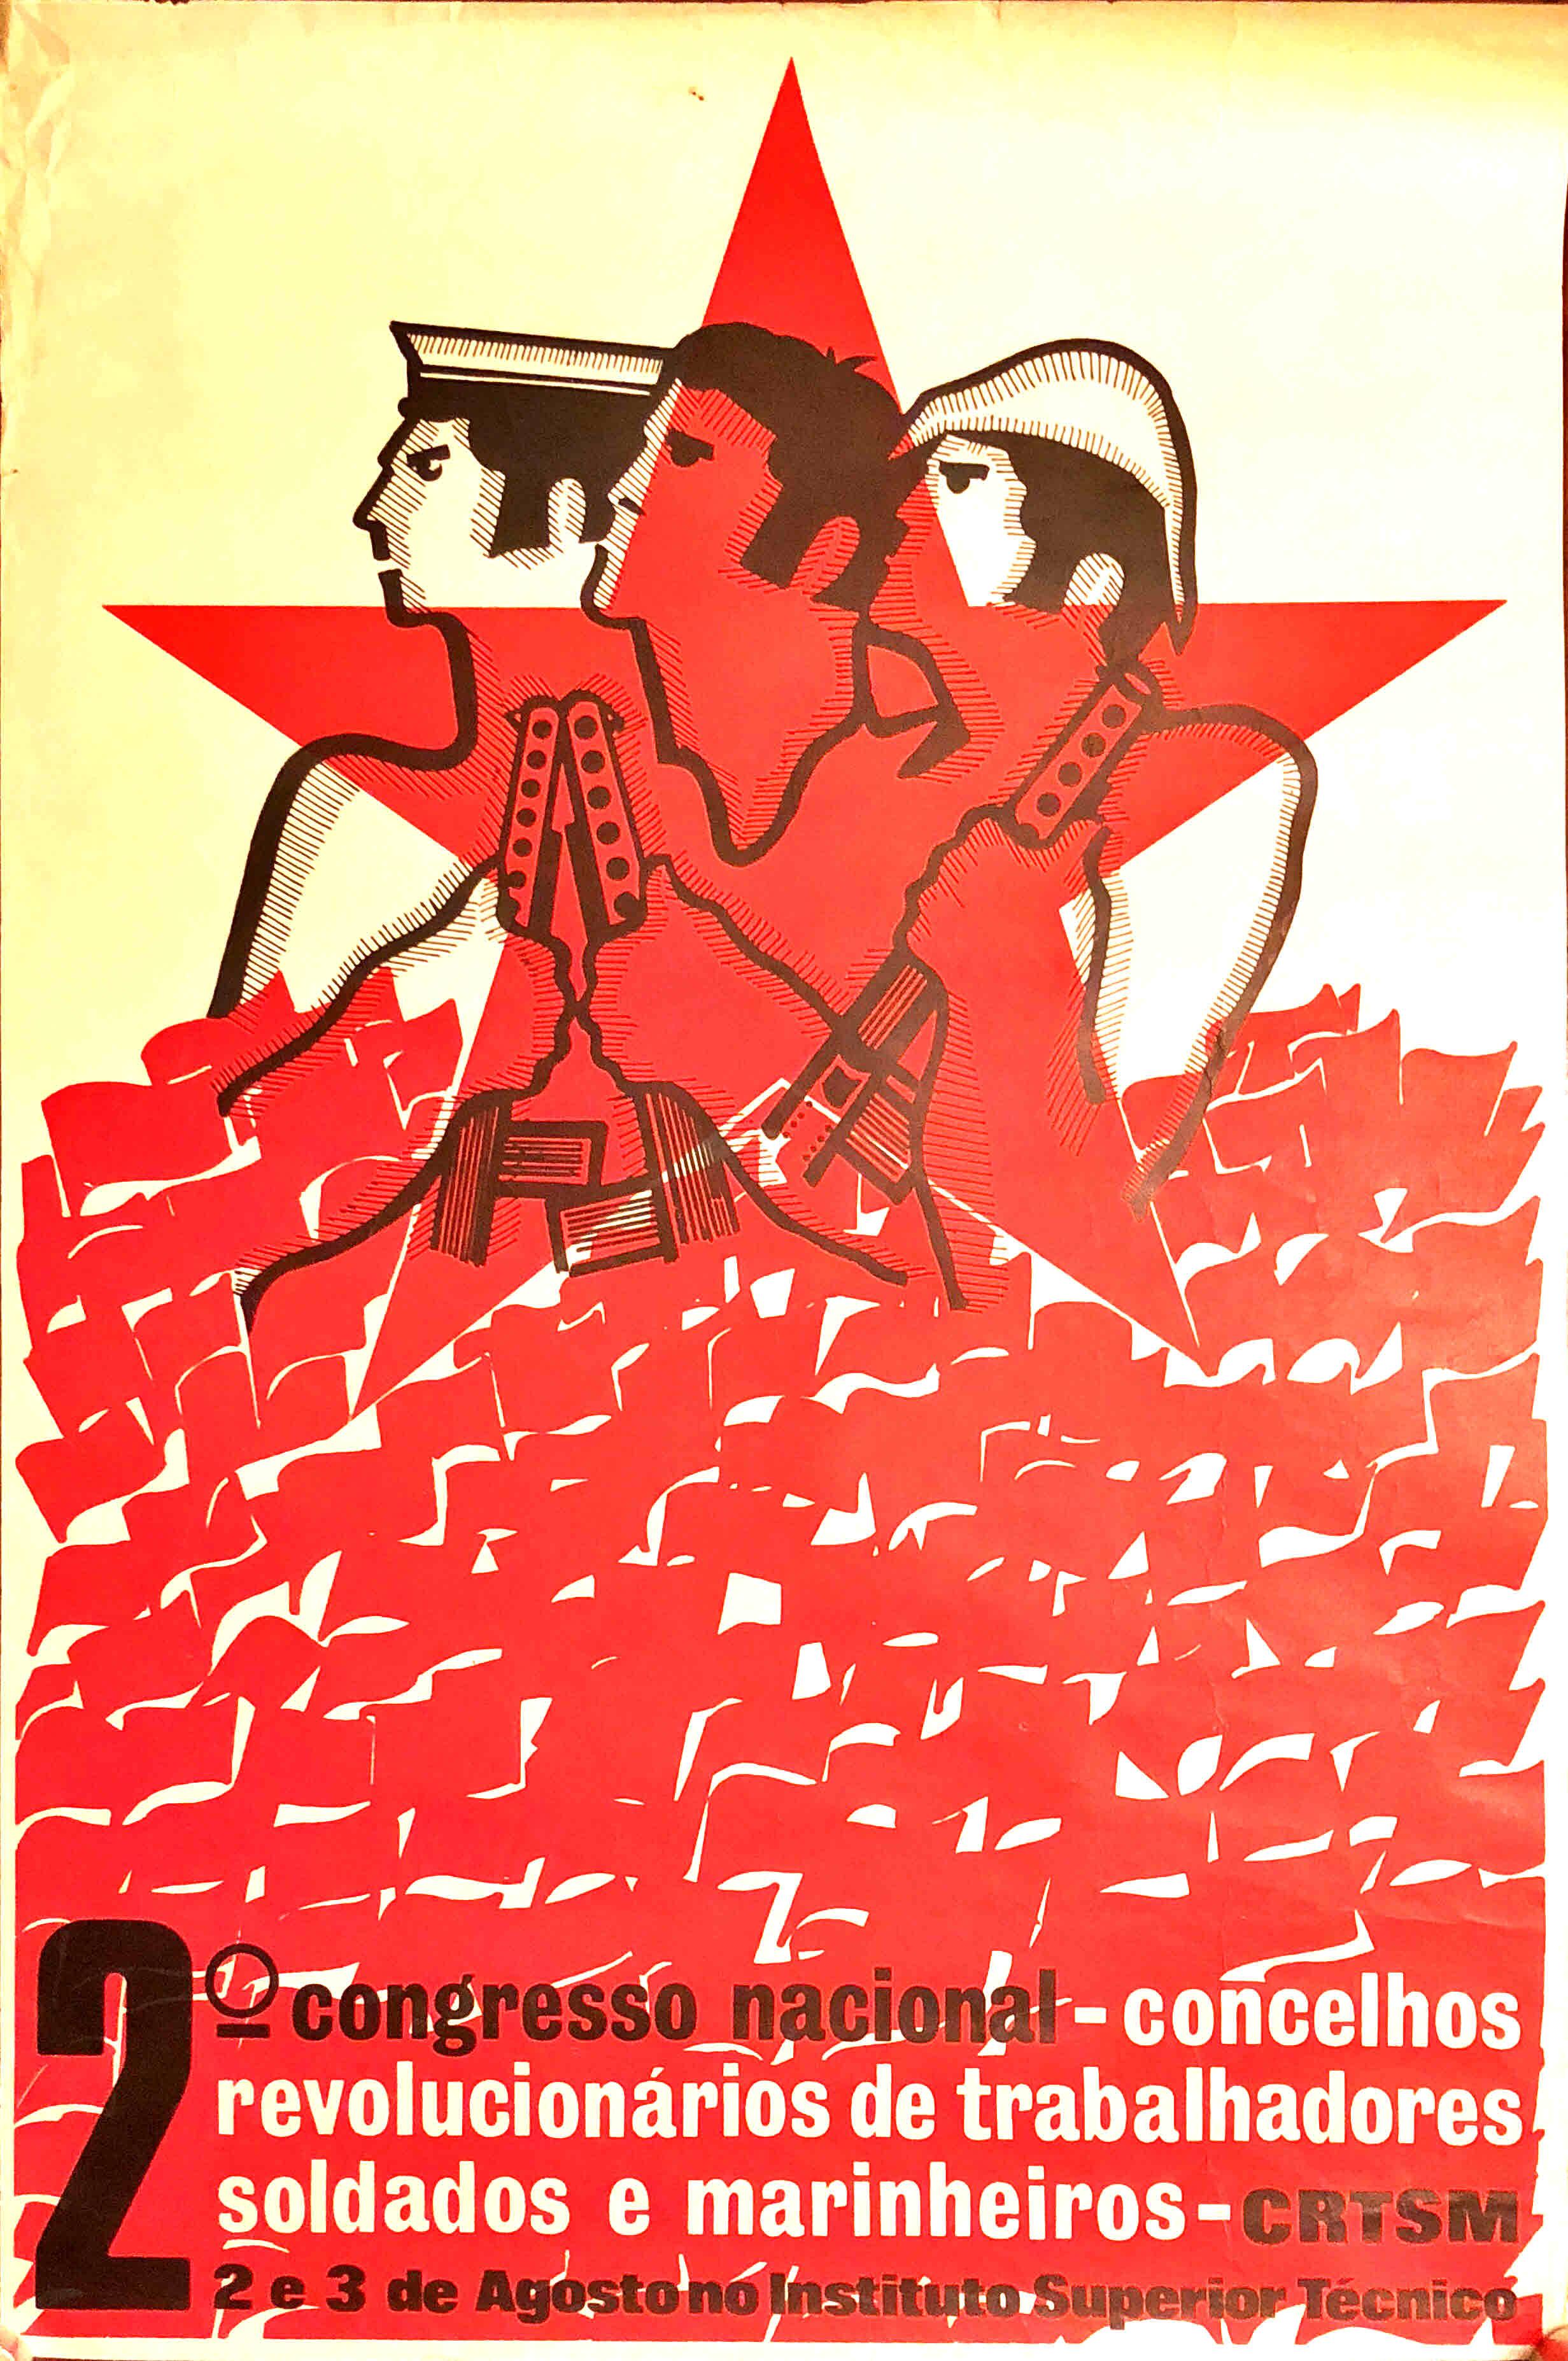 Conselhos revolucionrios dos trabalhadores soldados e marinheiros conselhos revolucionrios dos trabalhadores soldados e marinheiros crtsm fandeluxe Choice Image